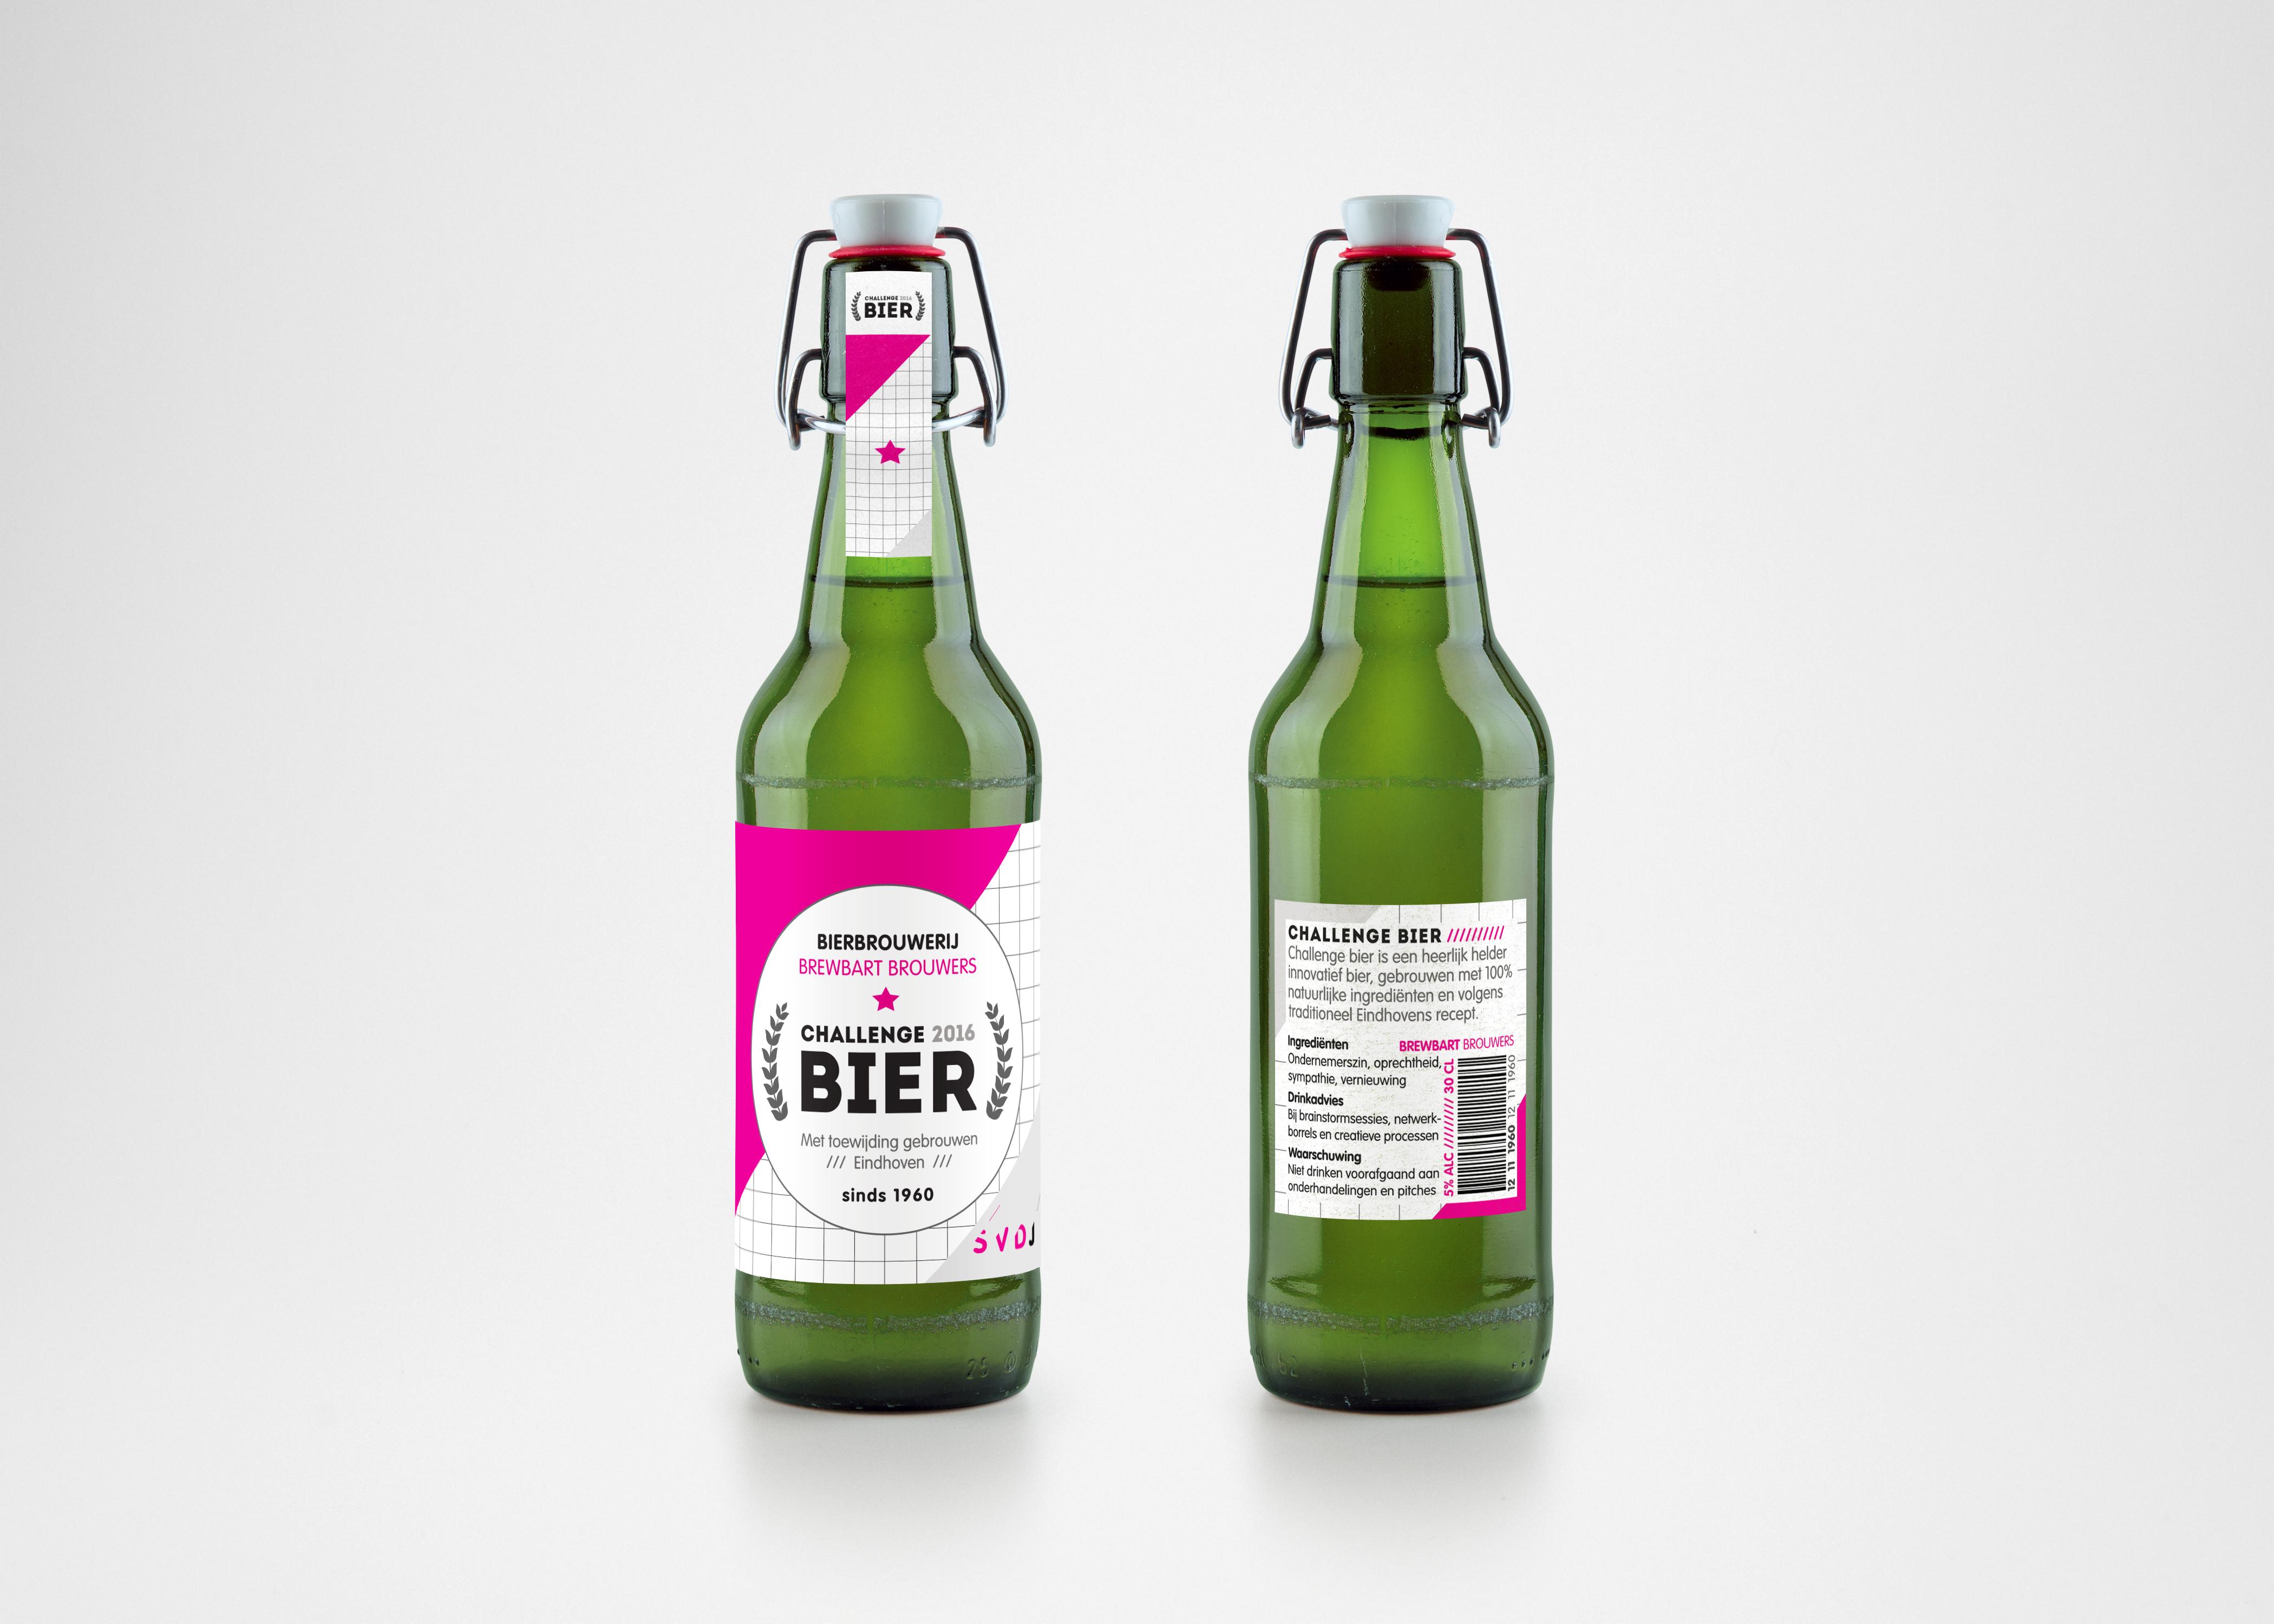 SVDJ bier groen beiden